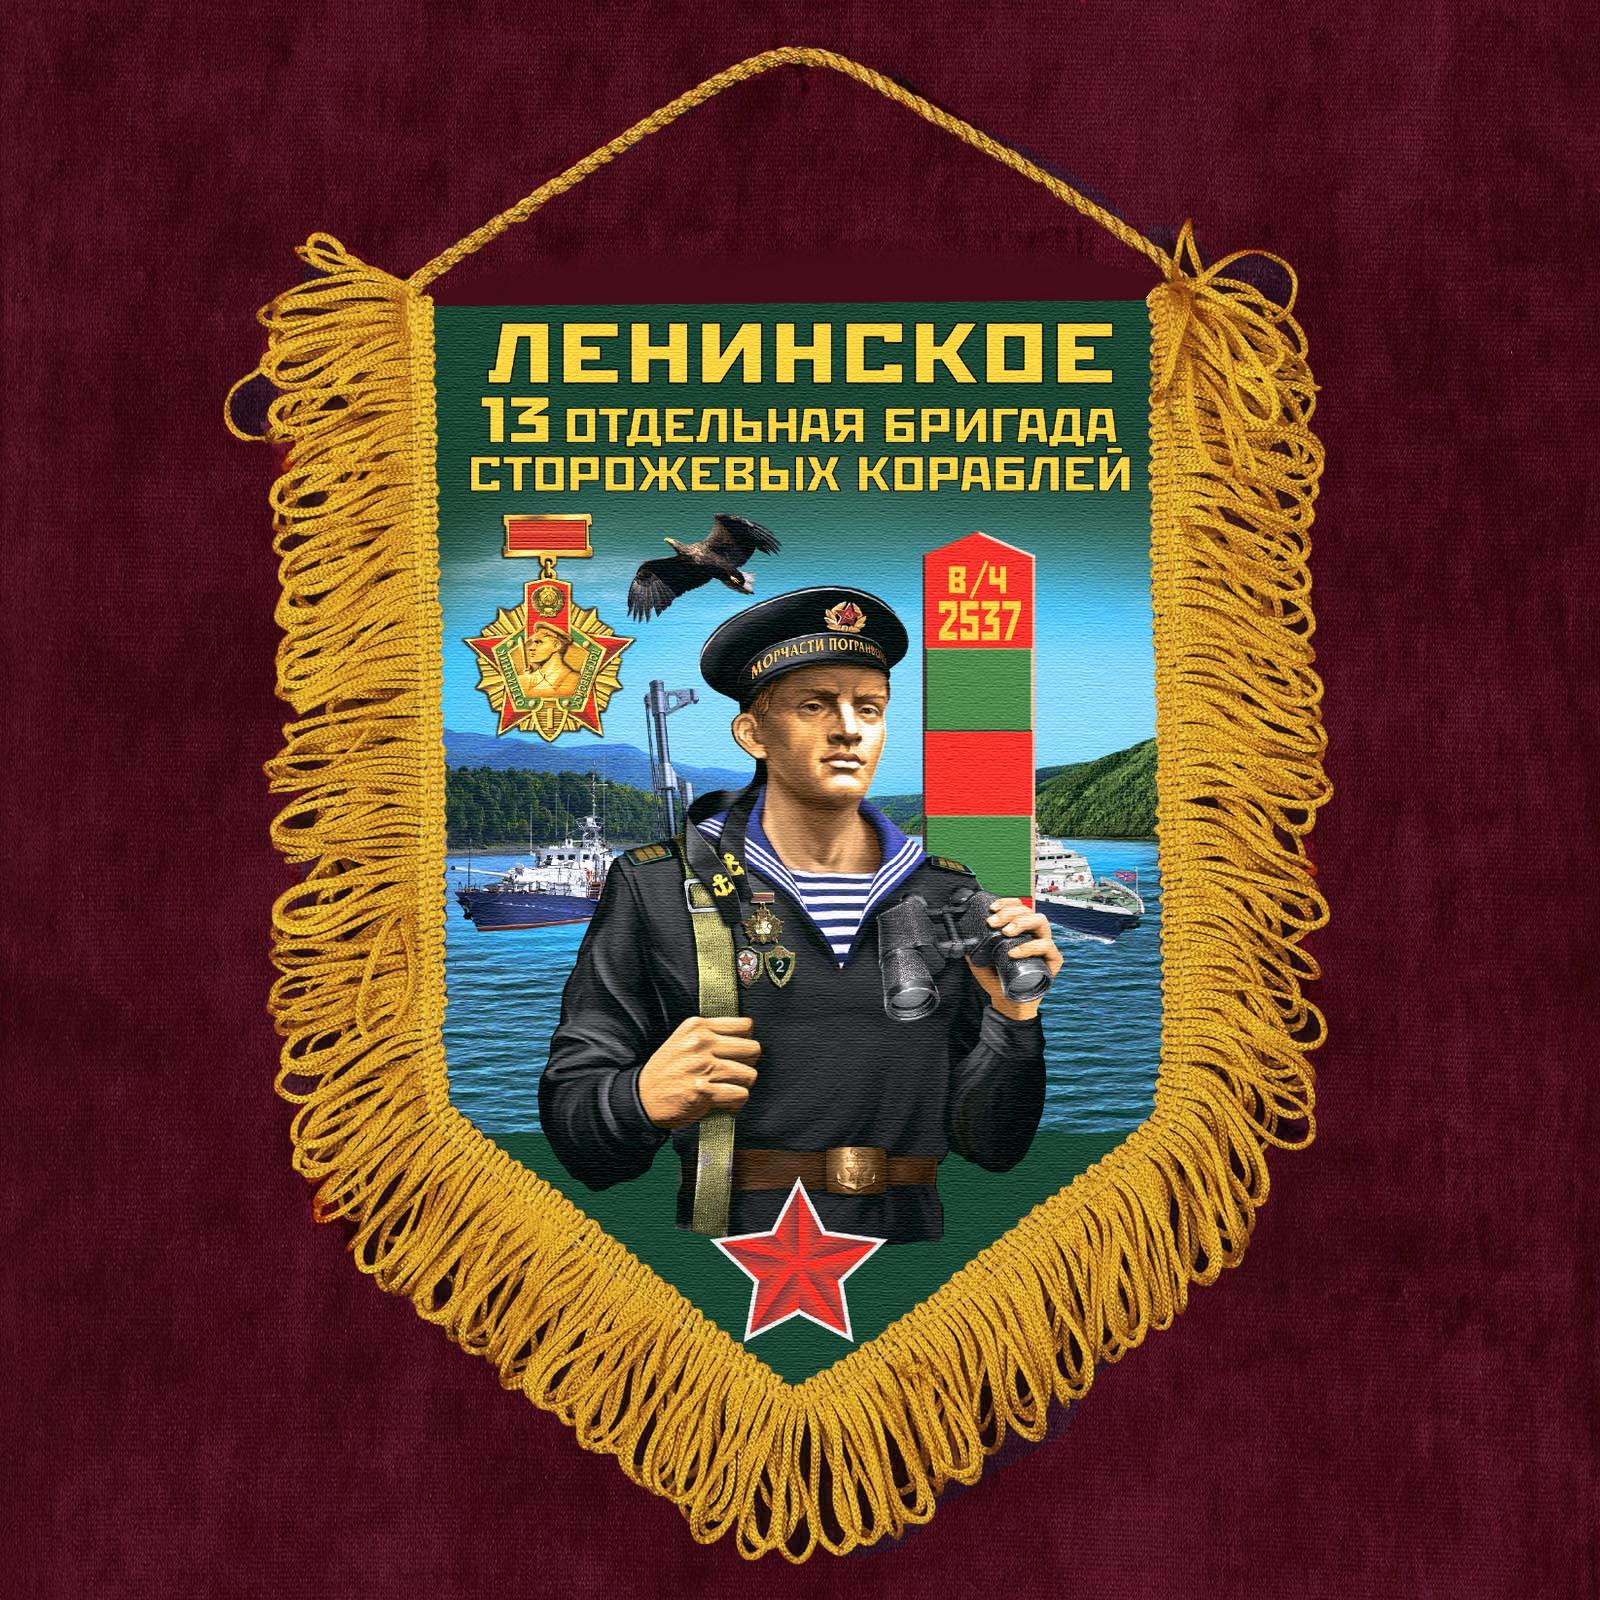 Наградной вымпел 13 ОБрПСКр Ленинское